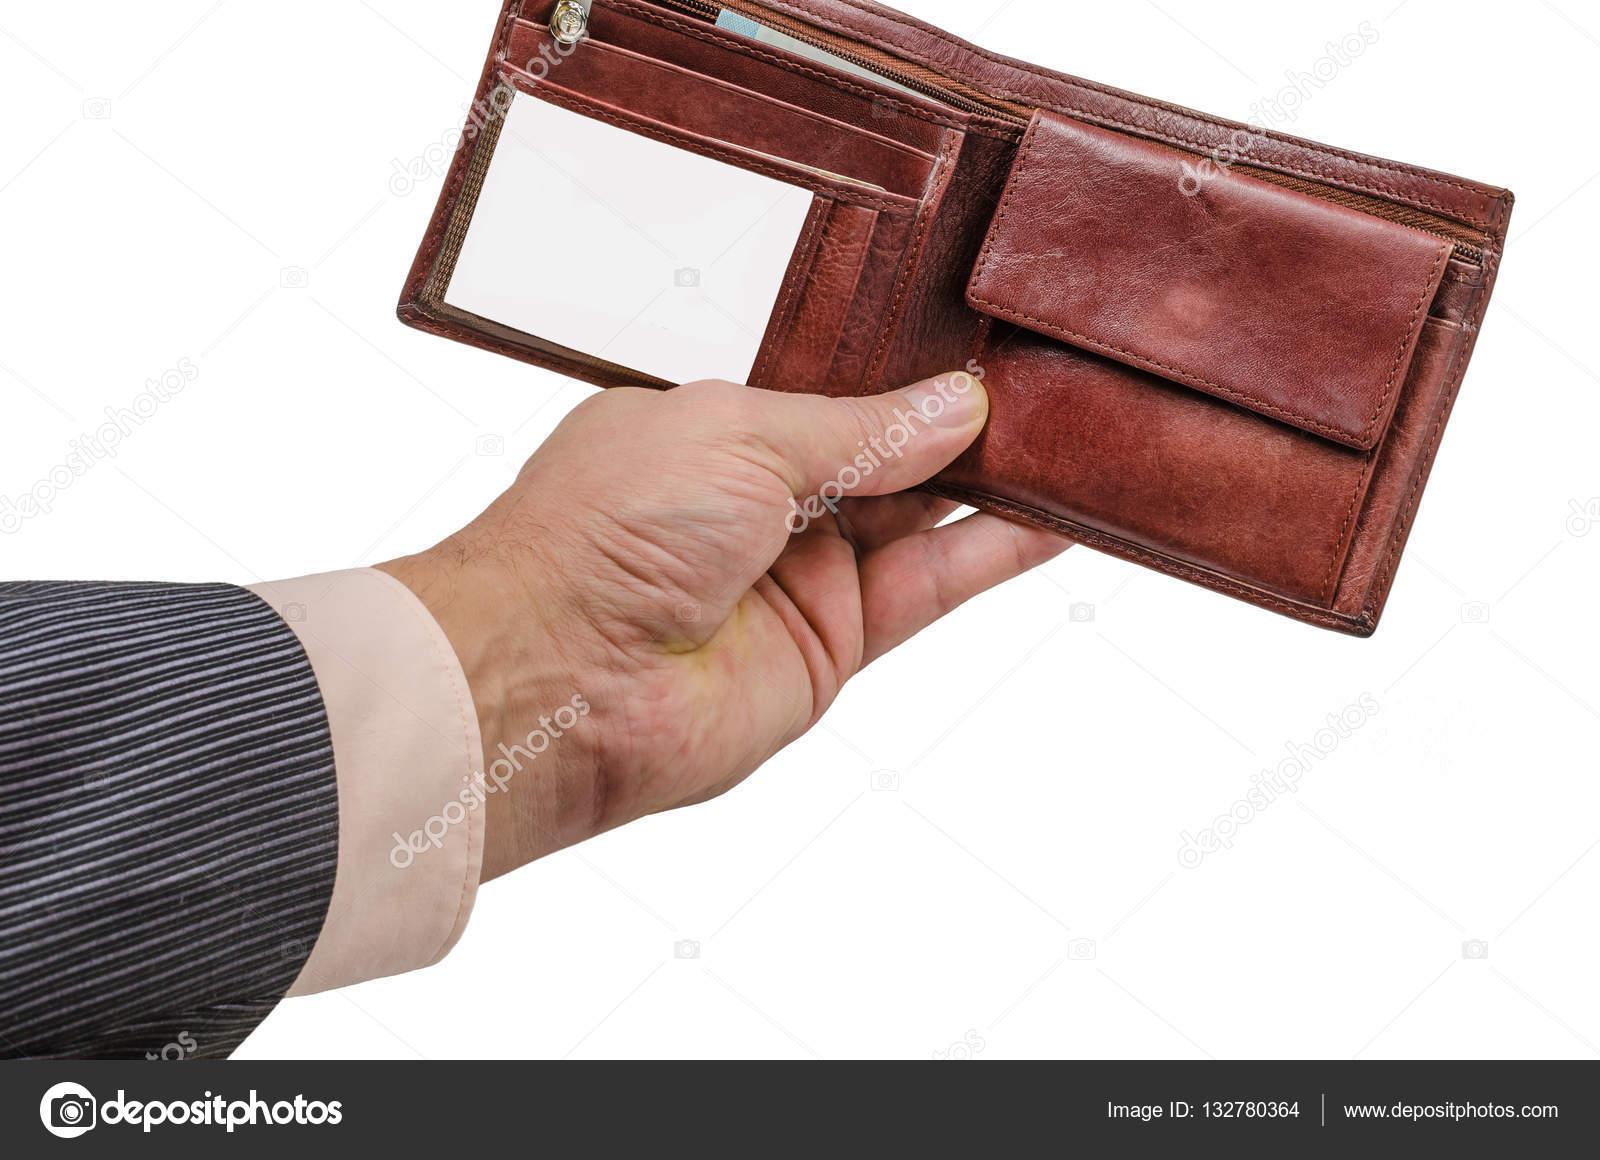 A basso prezzo miglior grossista miglior servizio Mano, portafoglio, affari, cuoio, soldi, polso, Compro ...